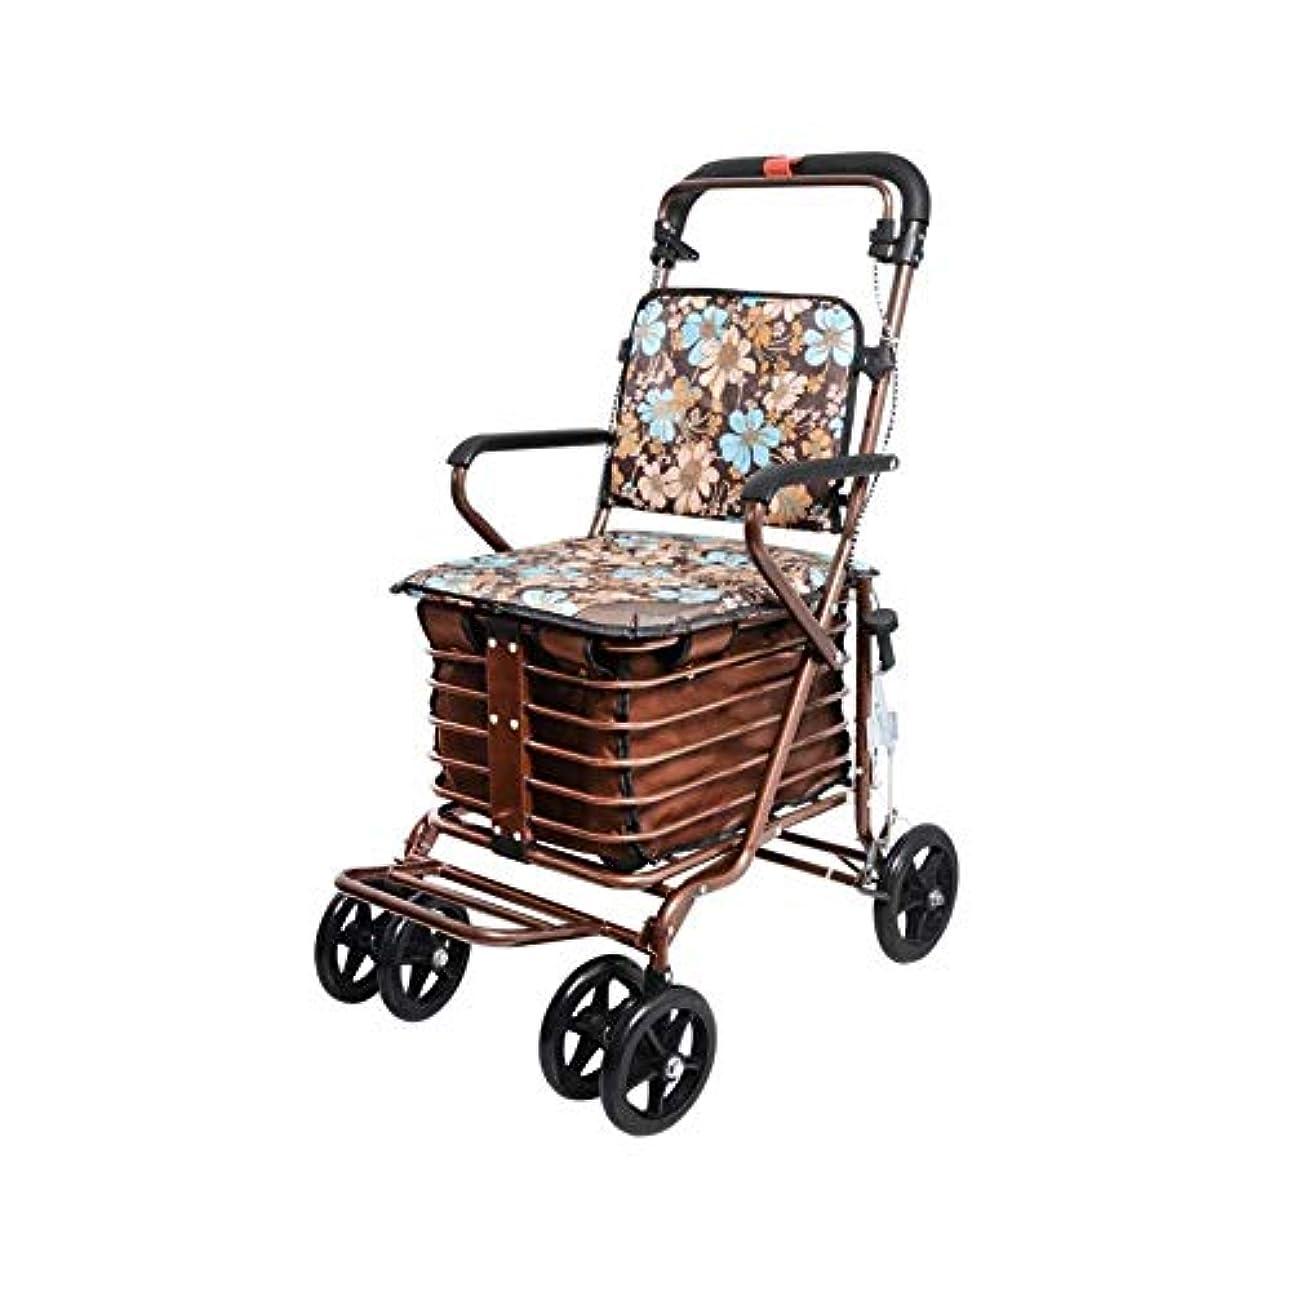 きしむ白鳥重要軽量の高齢者の歩行者、折る携帯用歩行器の補助歩行者の4つの車輪のショッピングカートハンドブレーキが付いている頑丈な歩行者 (Color : Color1)